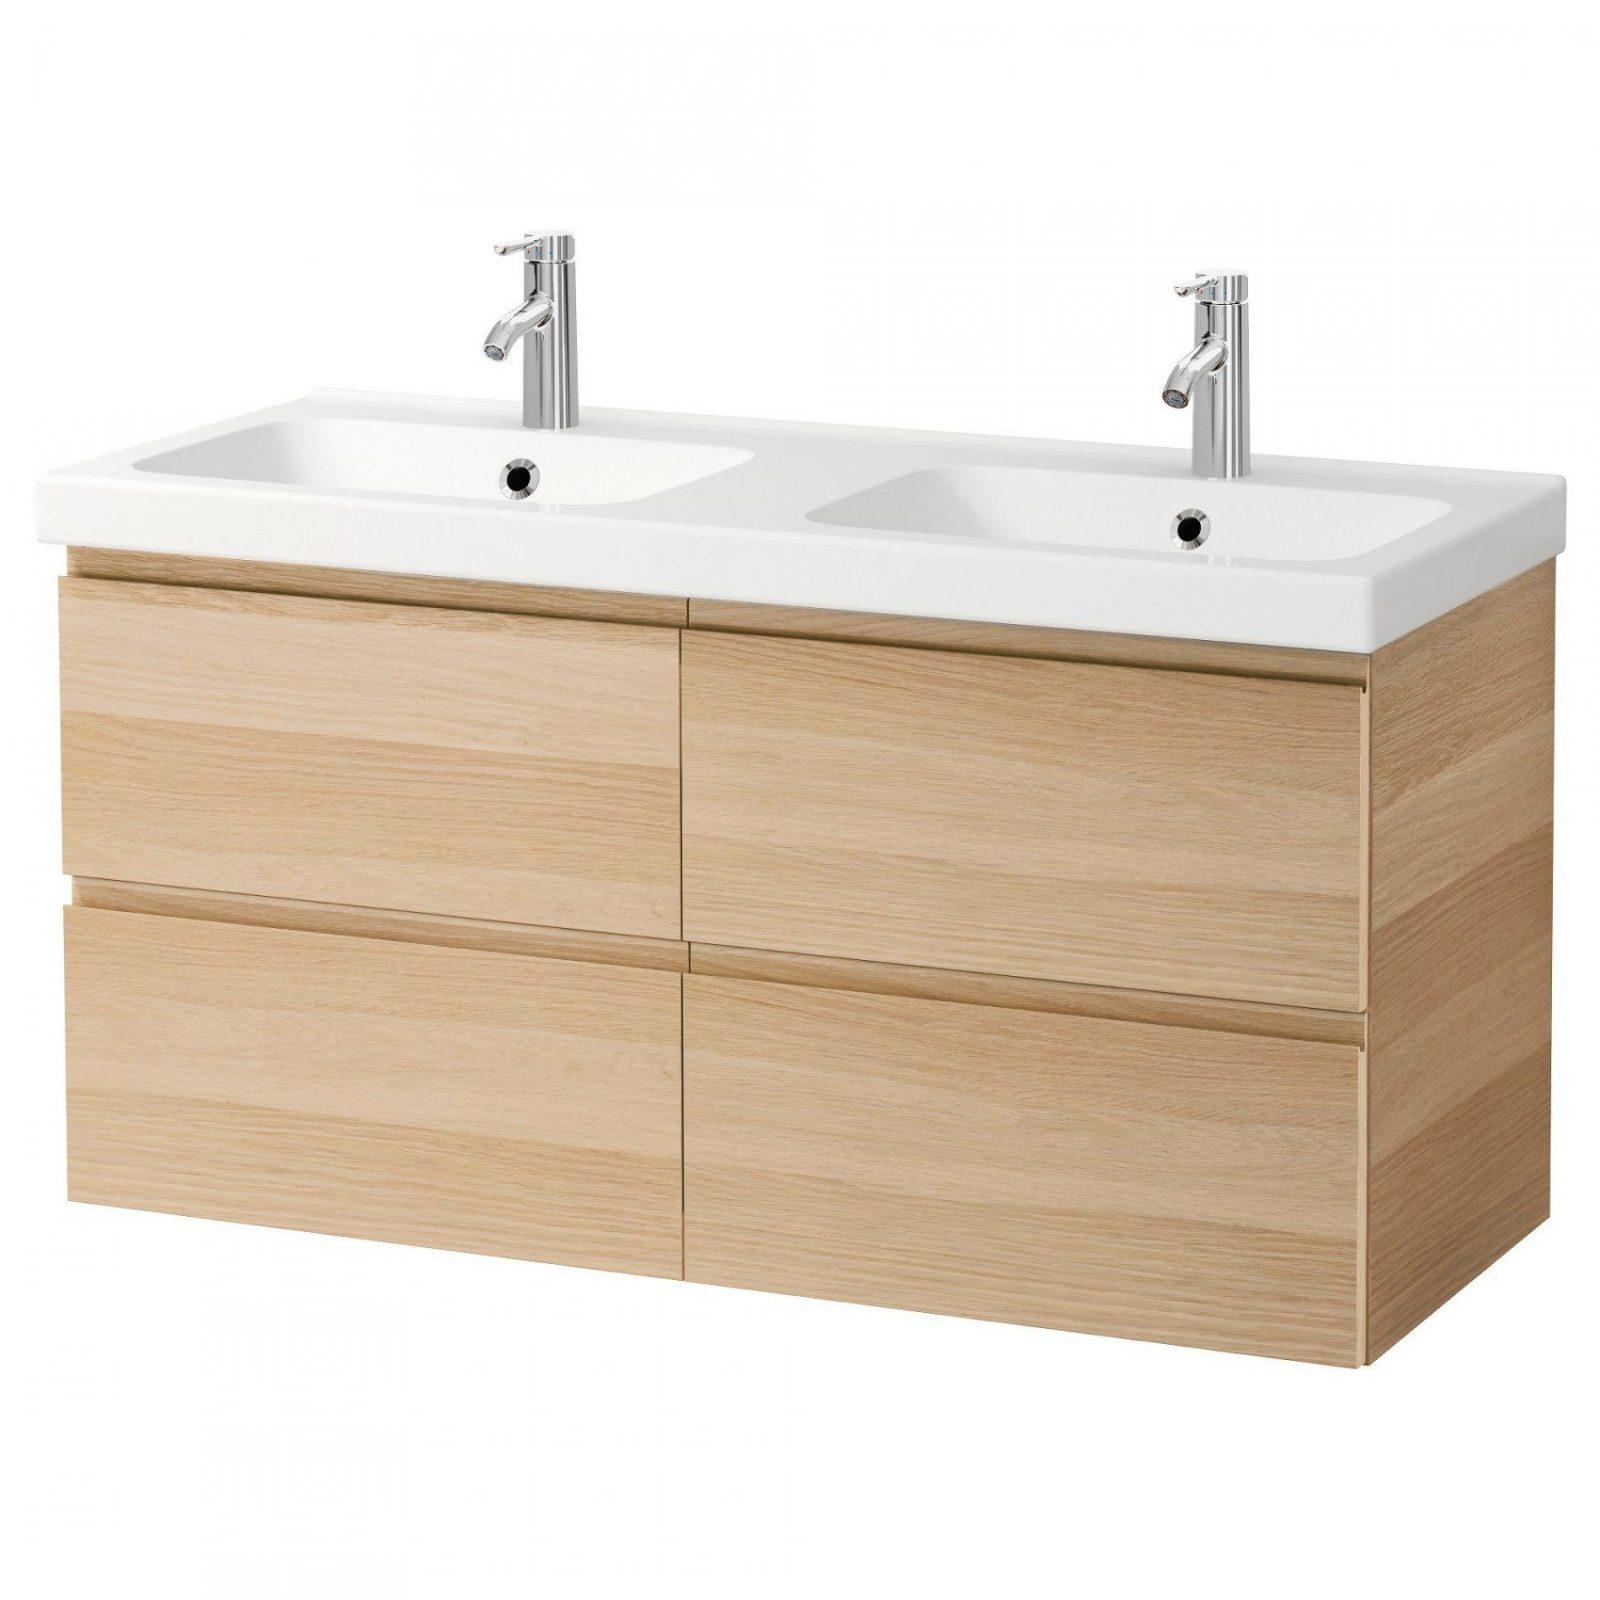 Ikea Doppelwaschtisch Mit Unterschrank Waschbecken Mit Unterschrank von Doppelwaschtisch Mit Unterschrank Ikea Photo